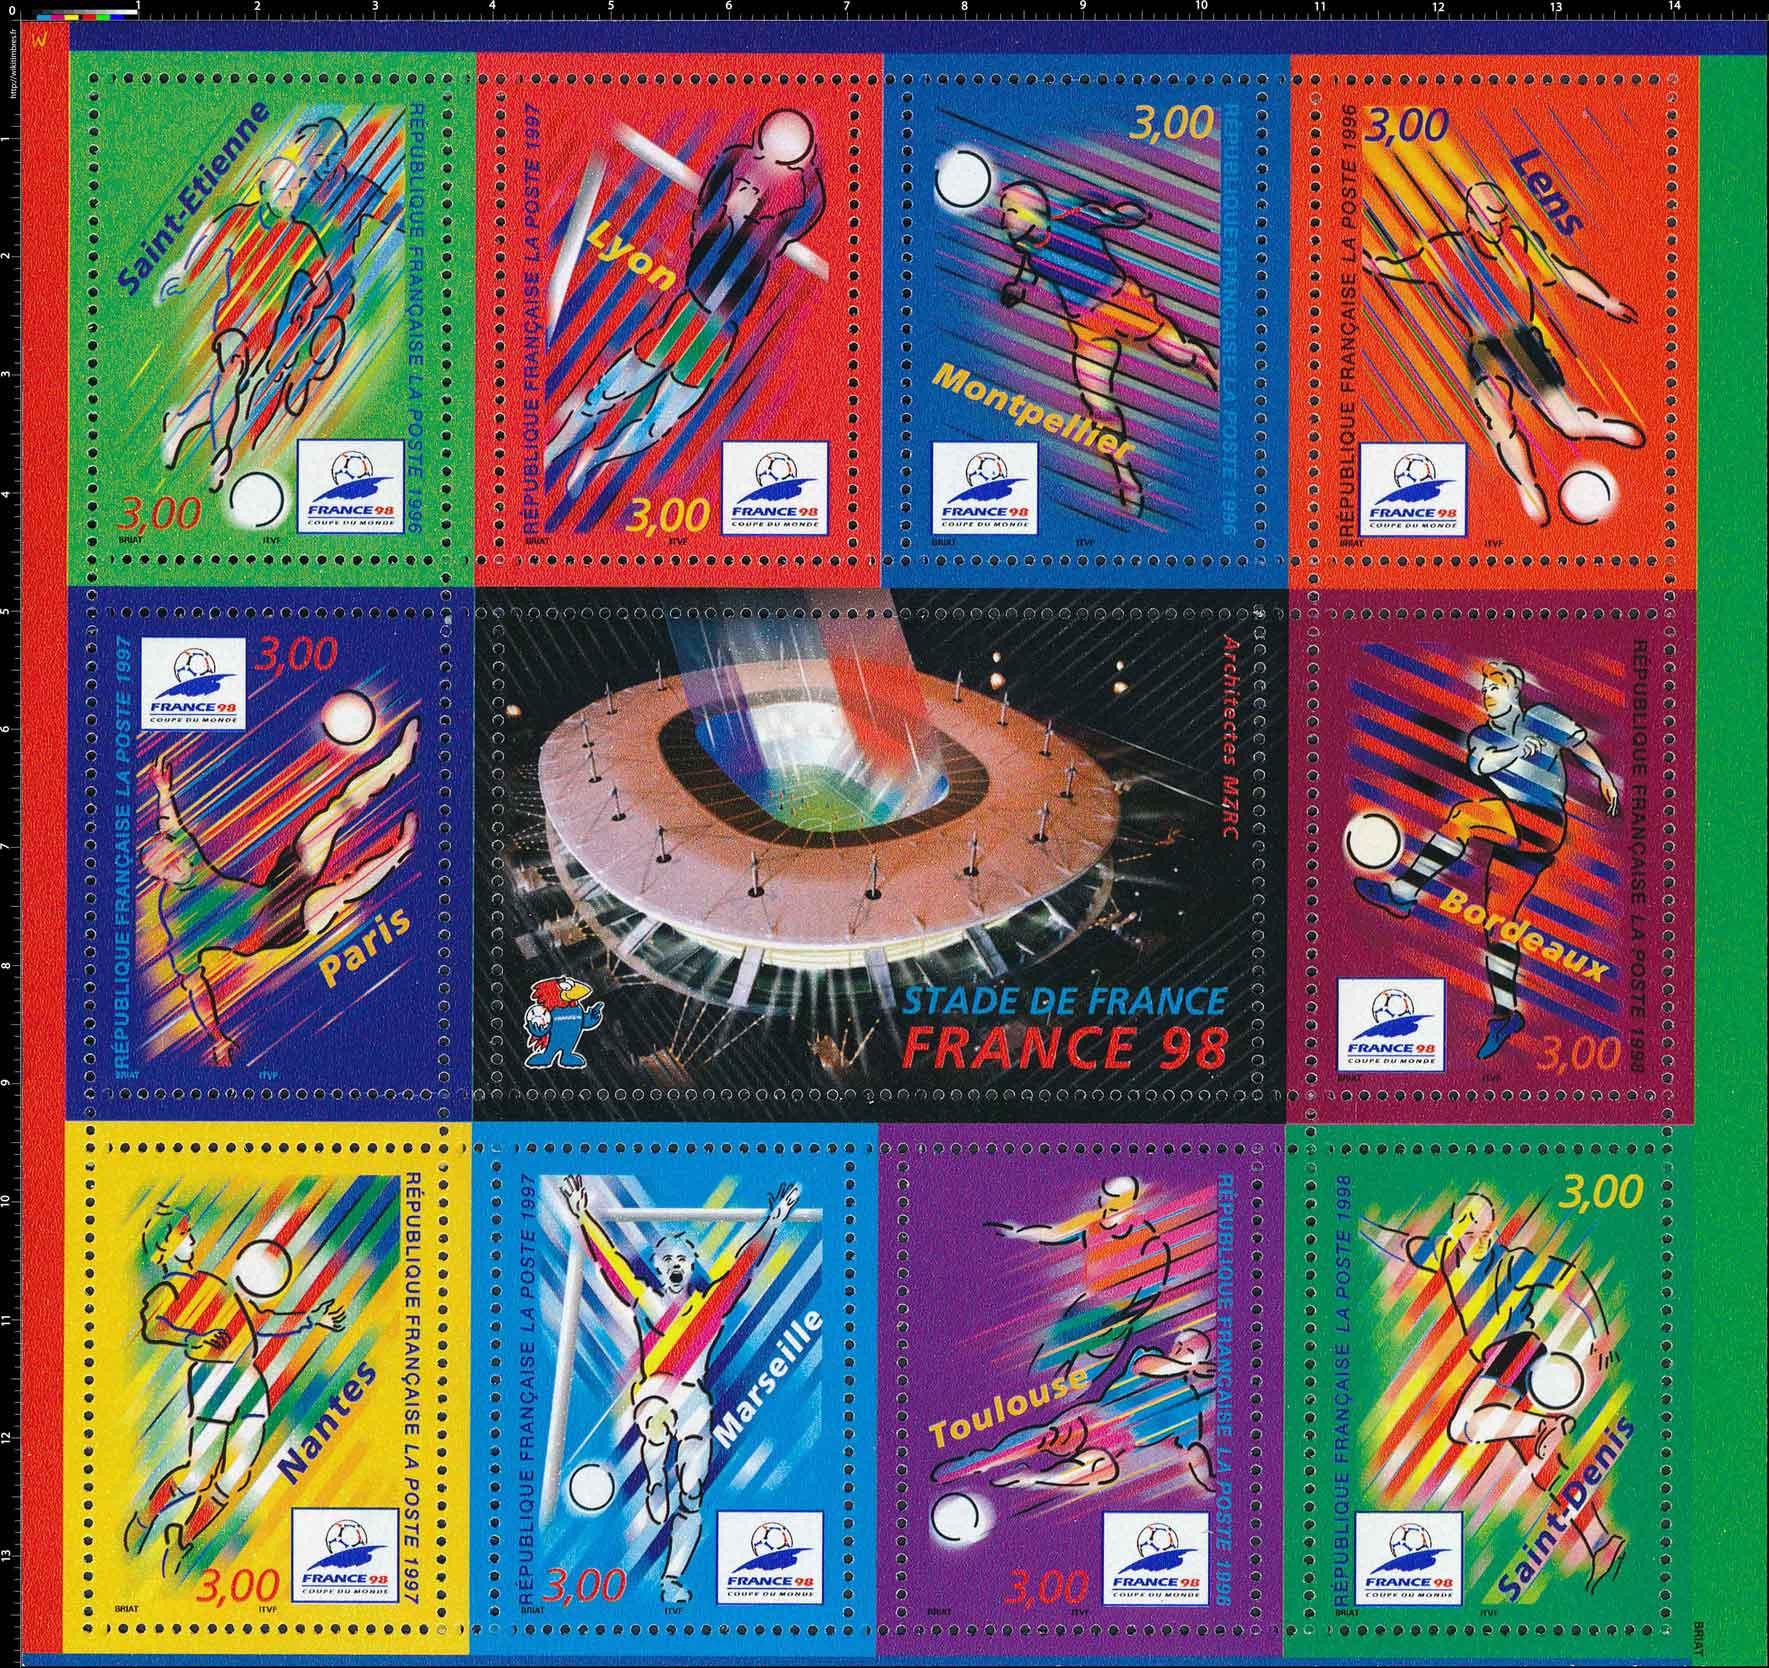 STADE DE FRANCE - FRANCE 98